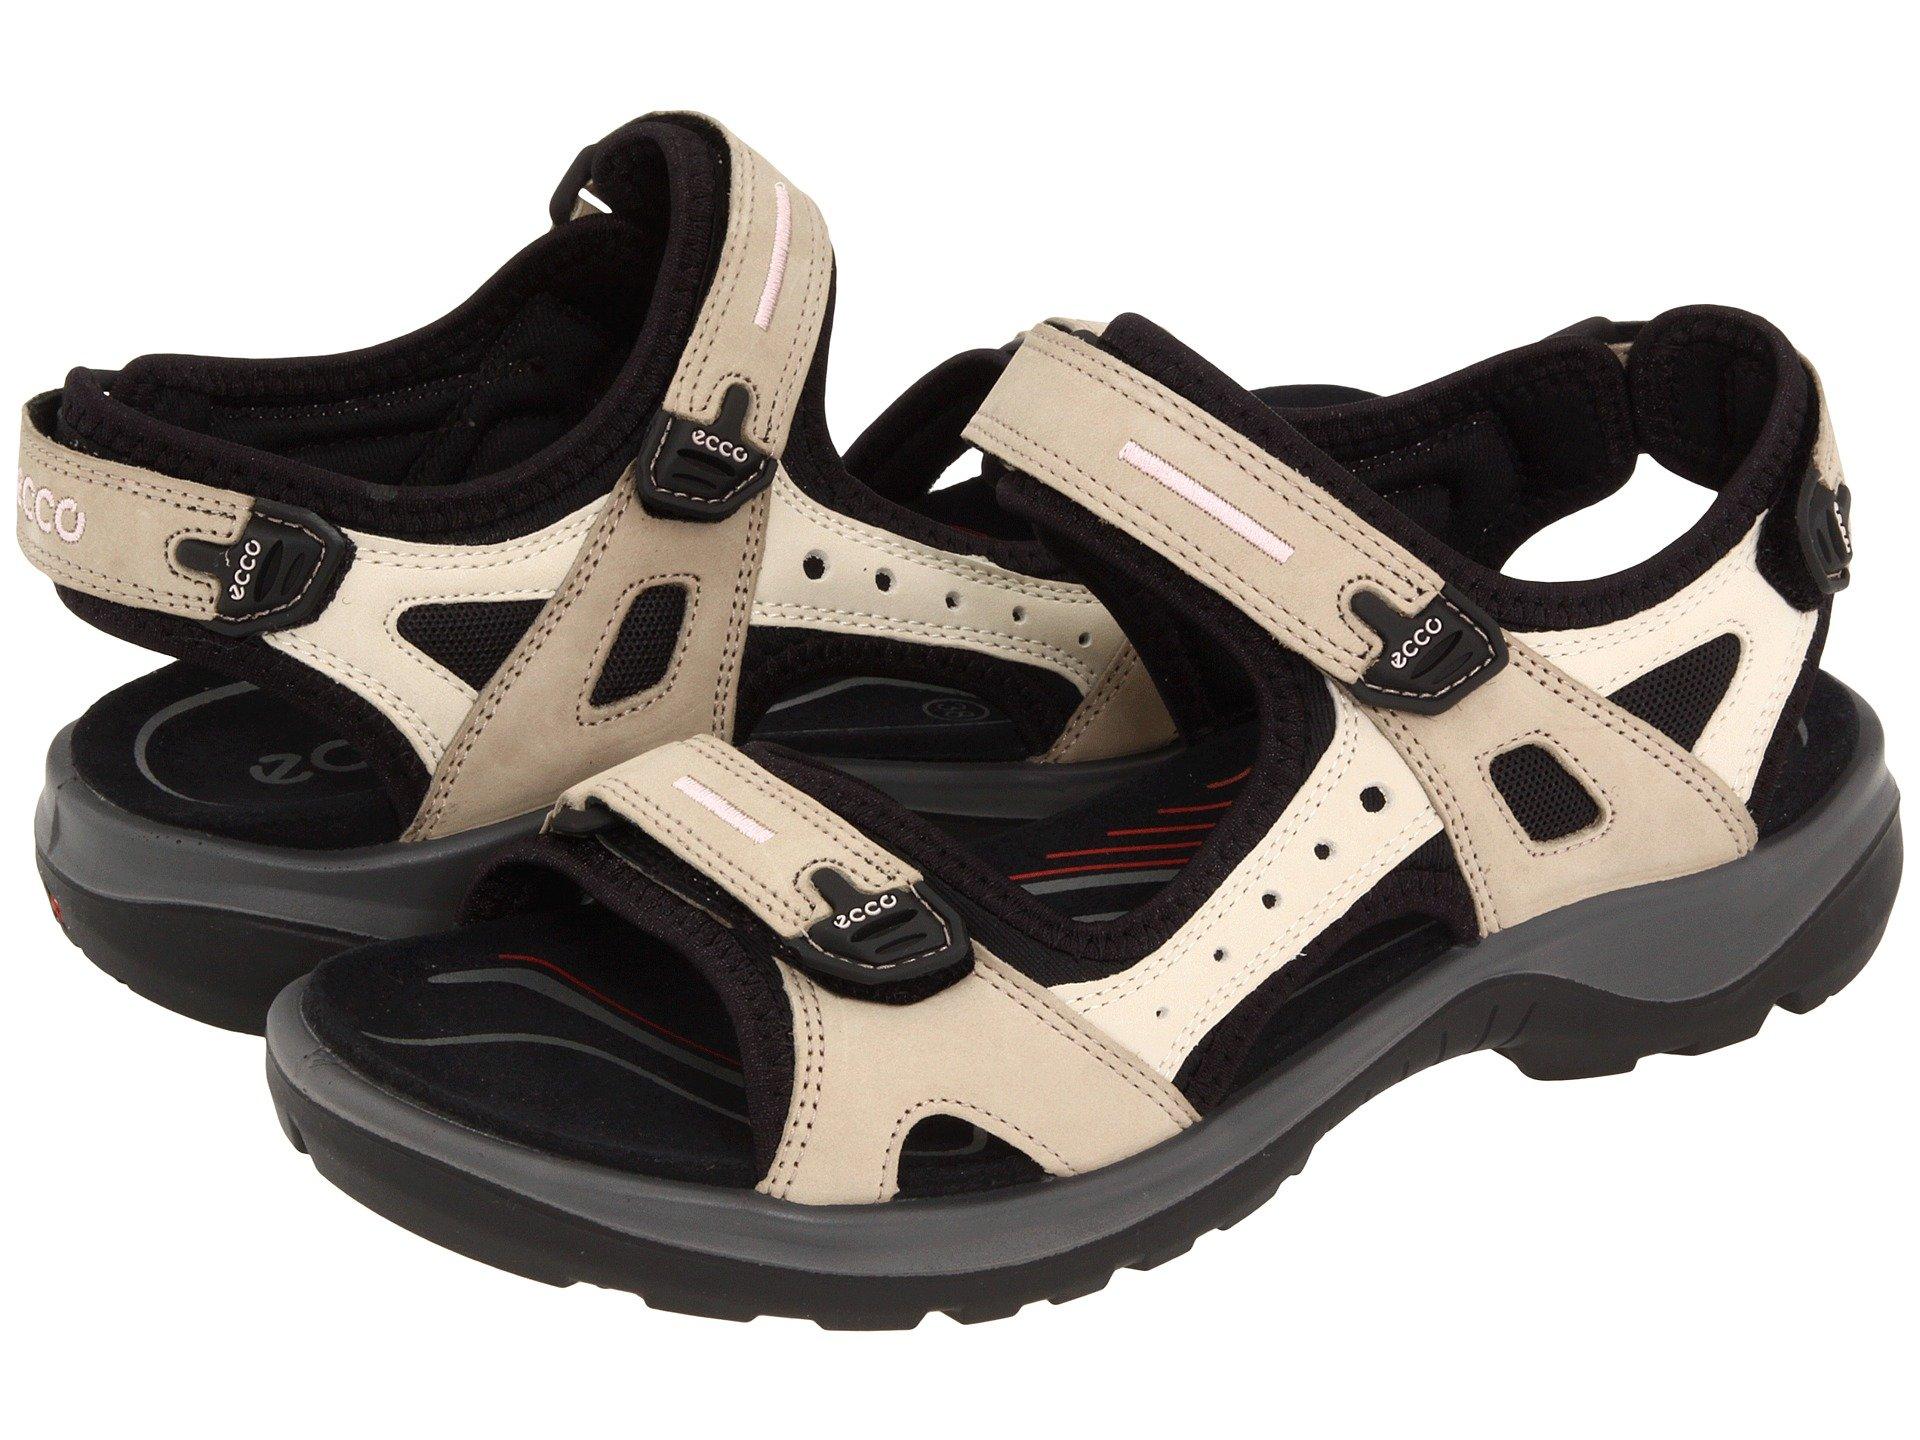 buy ecco shoes